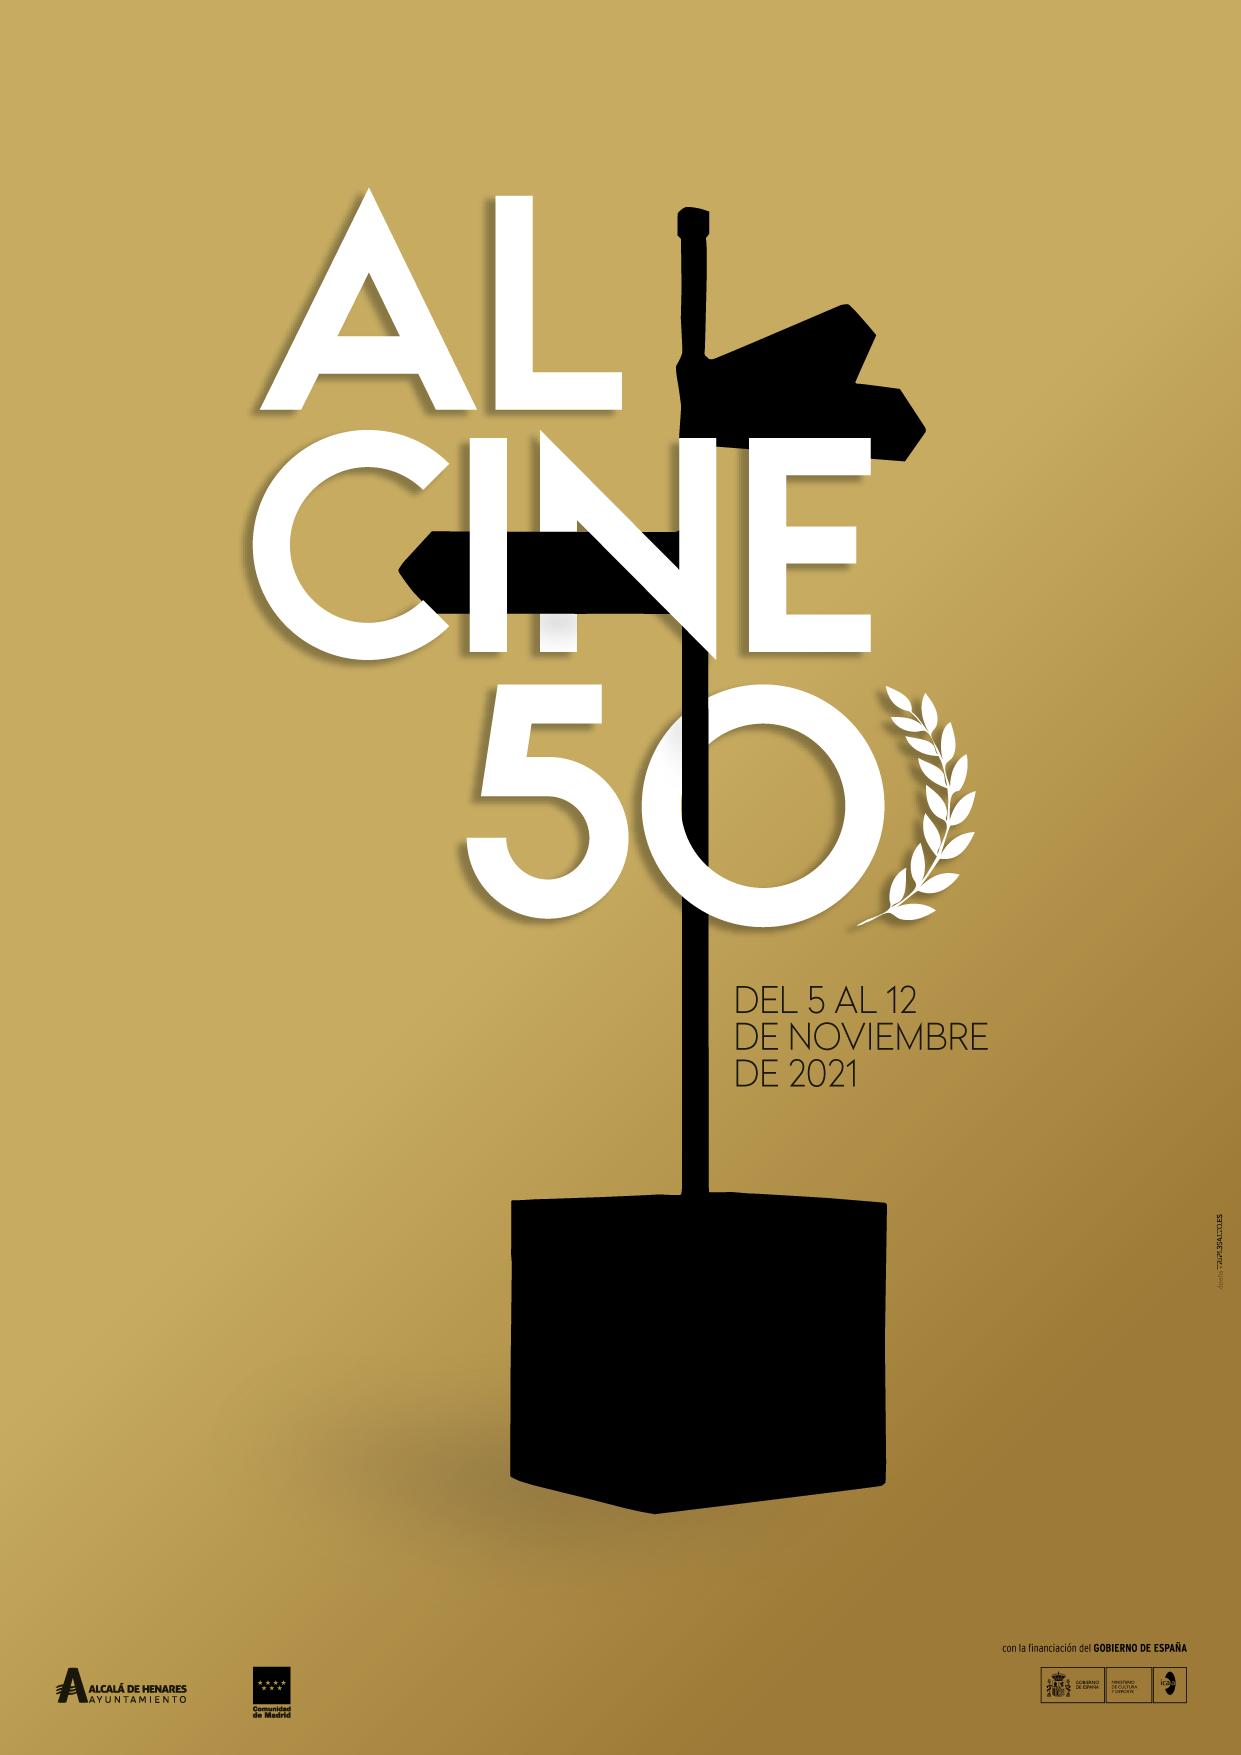 ALCINE, Festival de Cine de Alcalá de Henares / Comunidad de Madrid presenta cartel